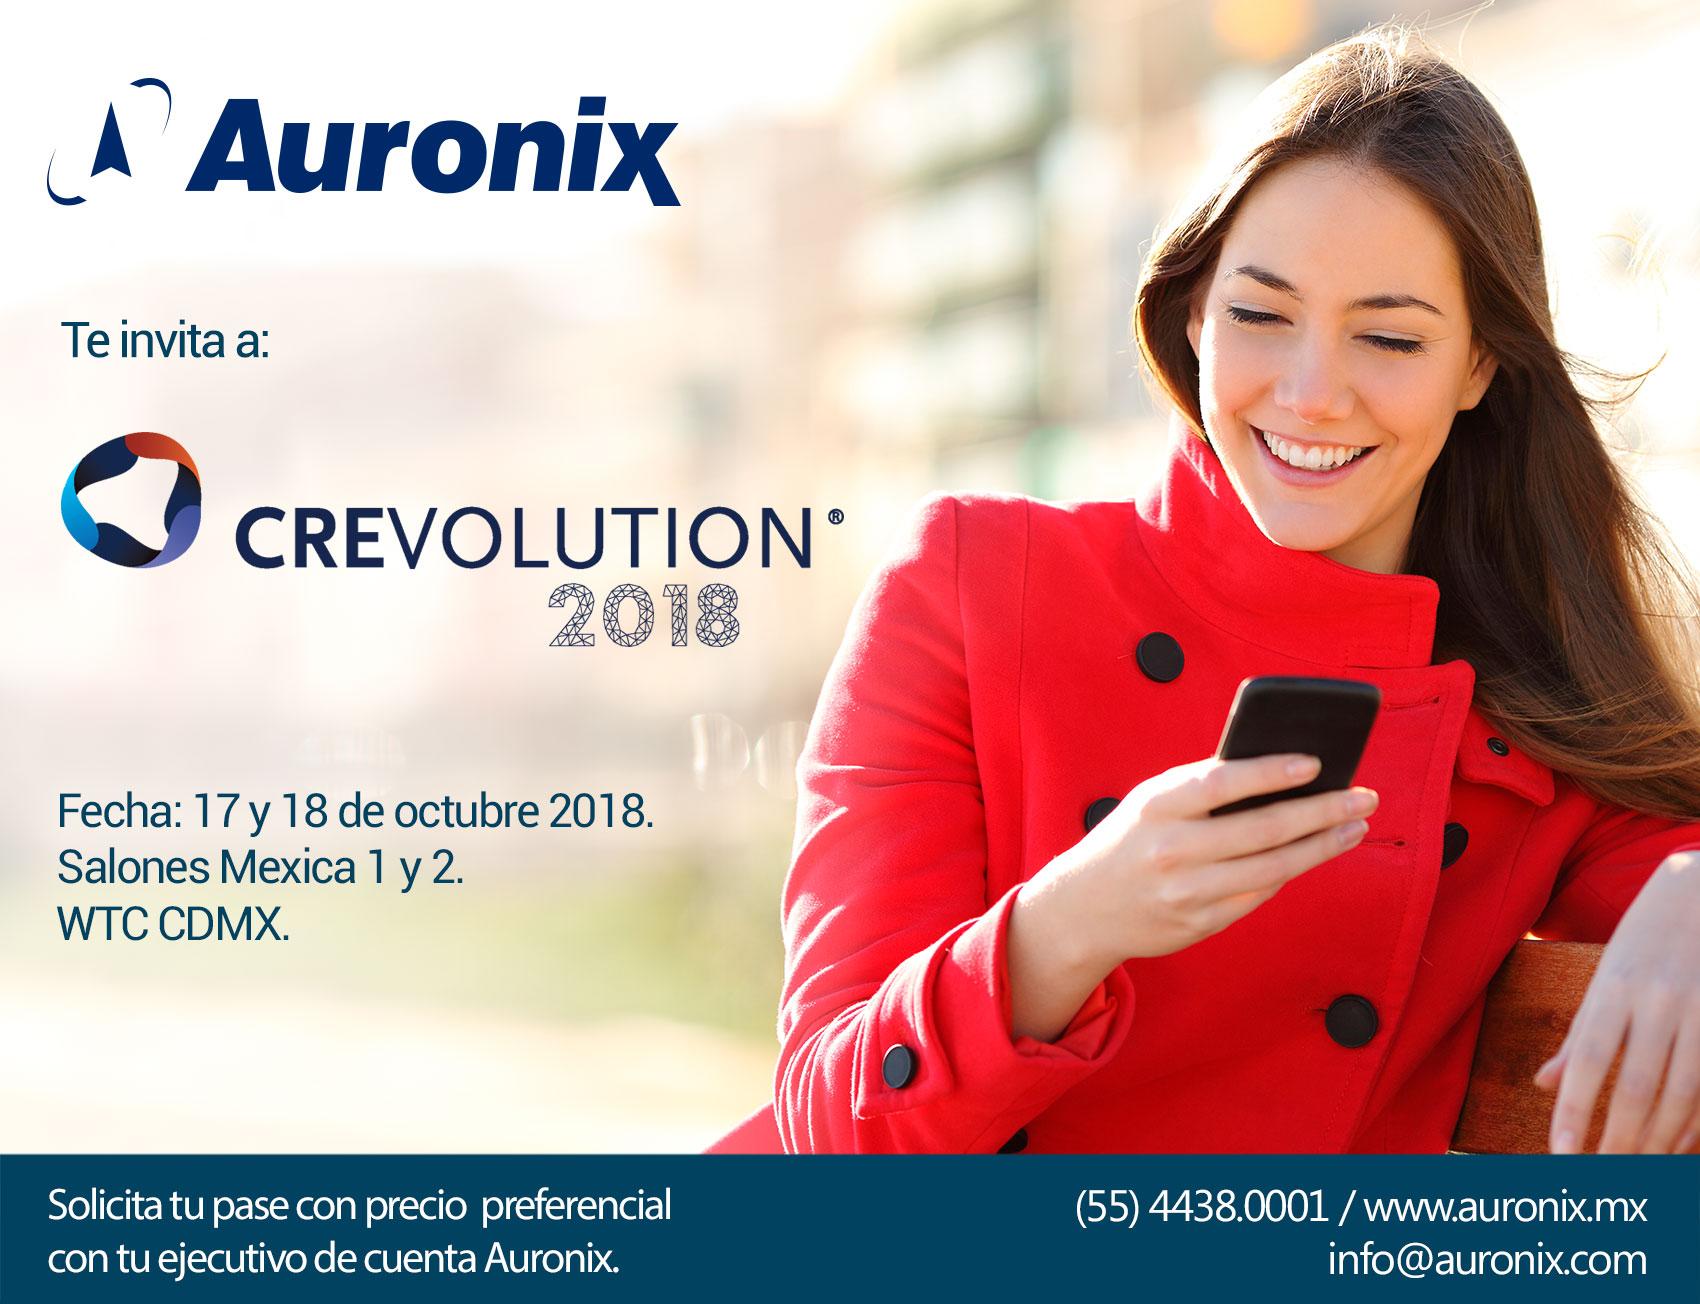 Auronix te invita a Crevolution 2018